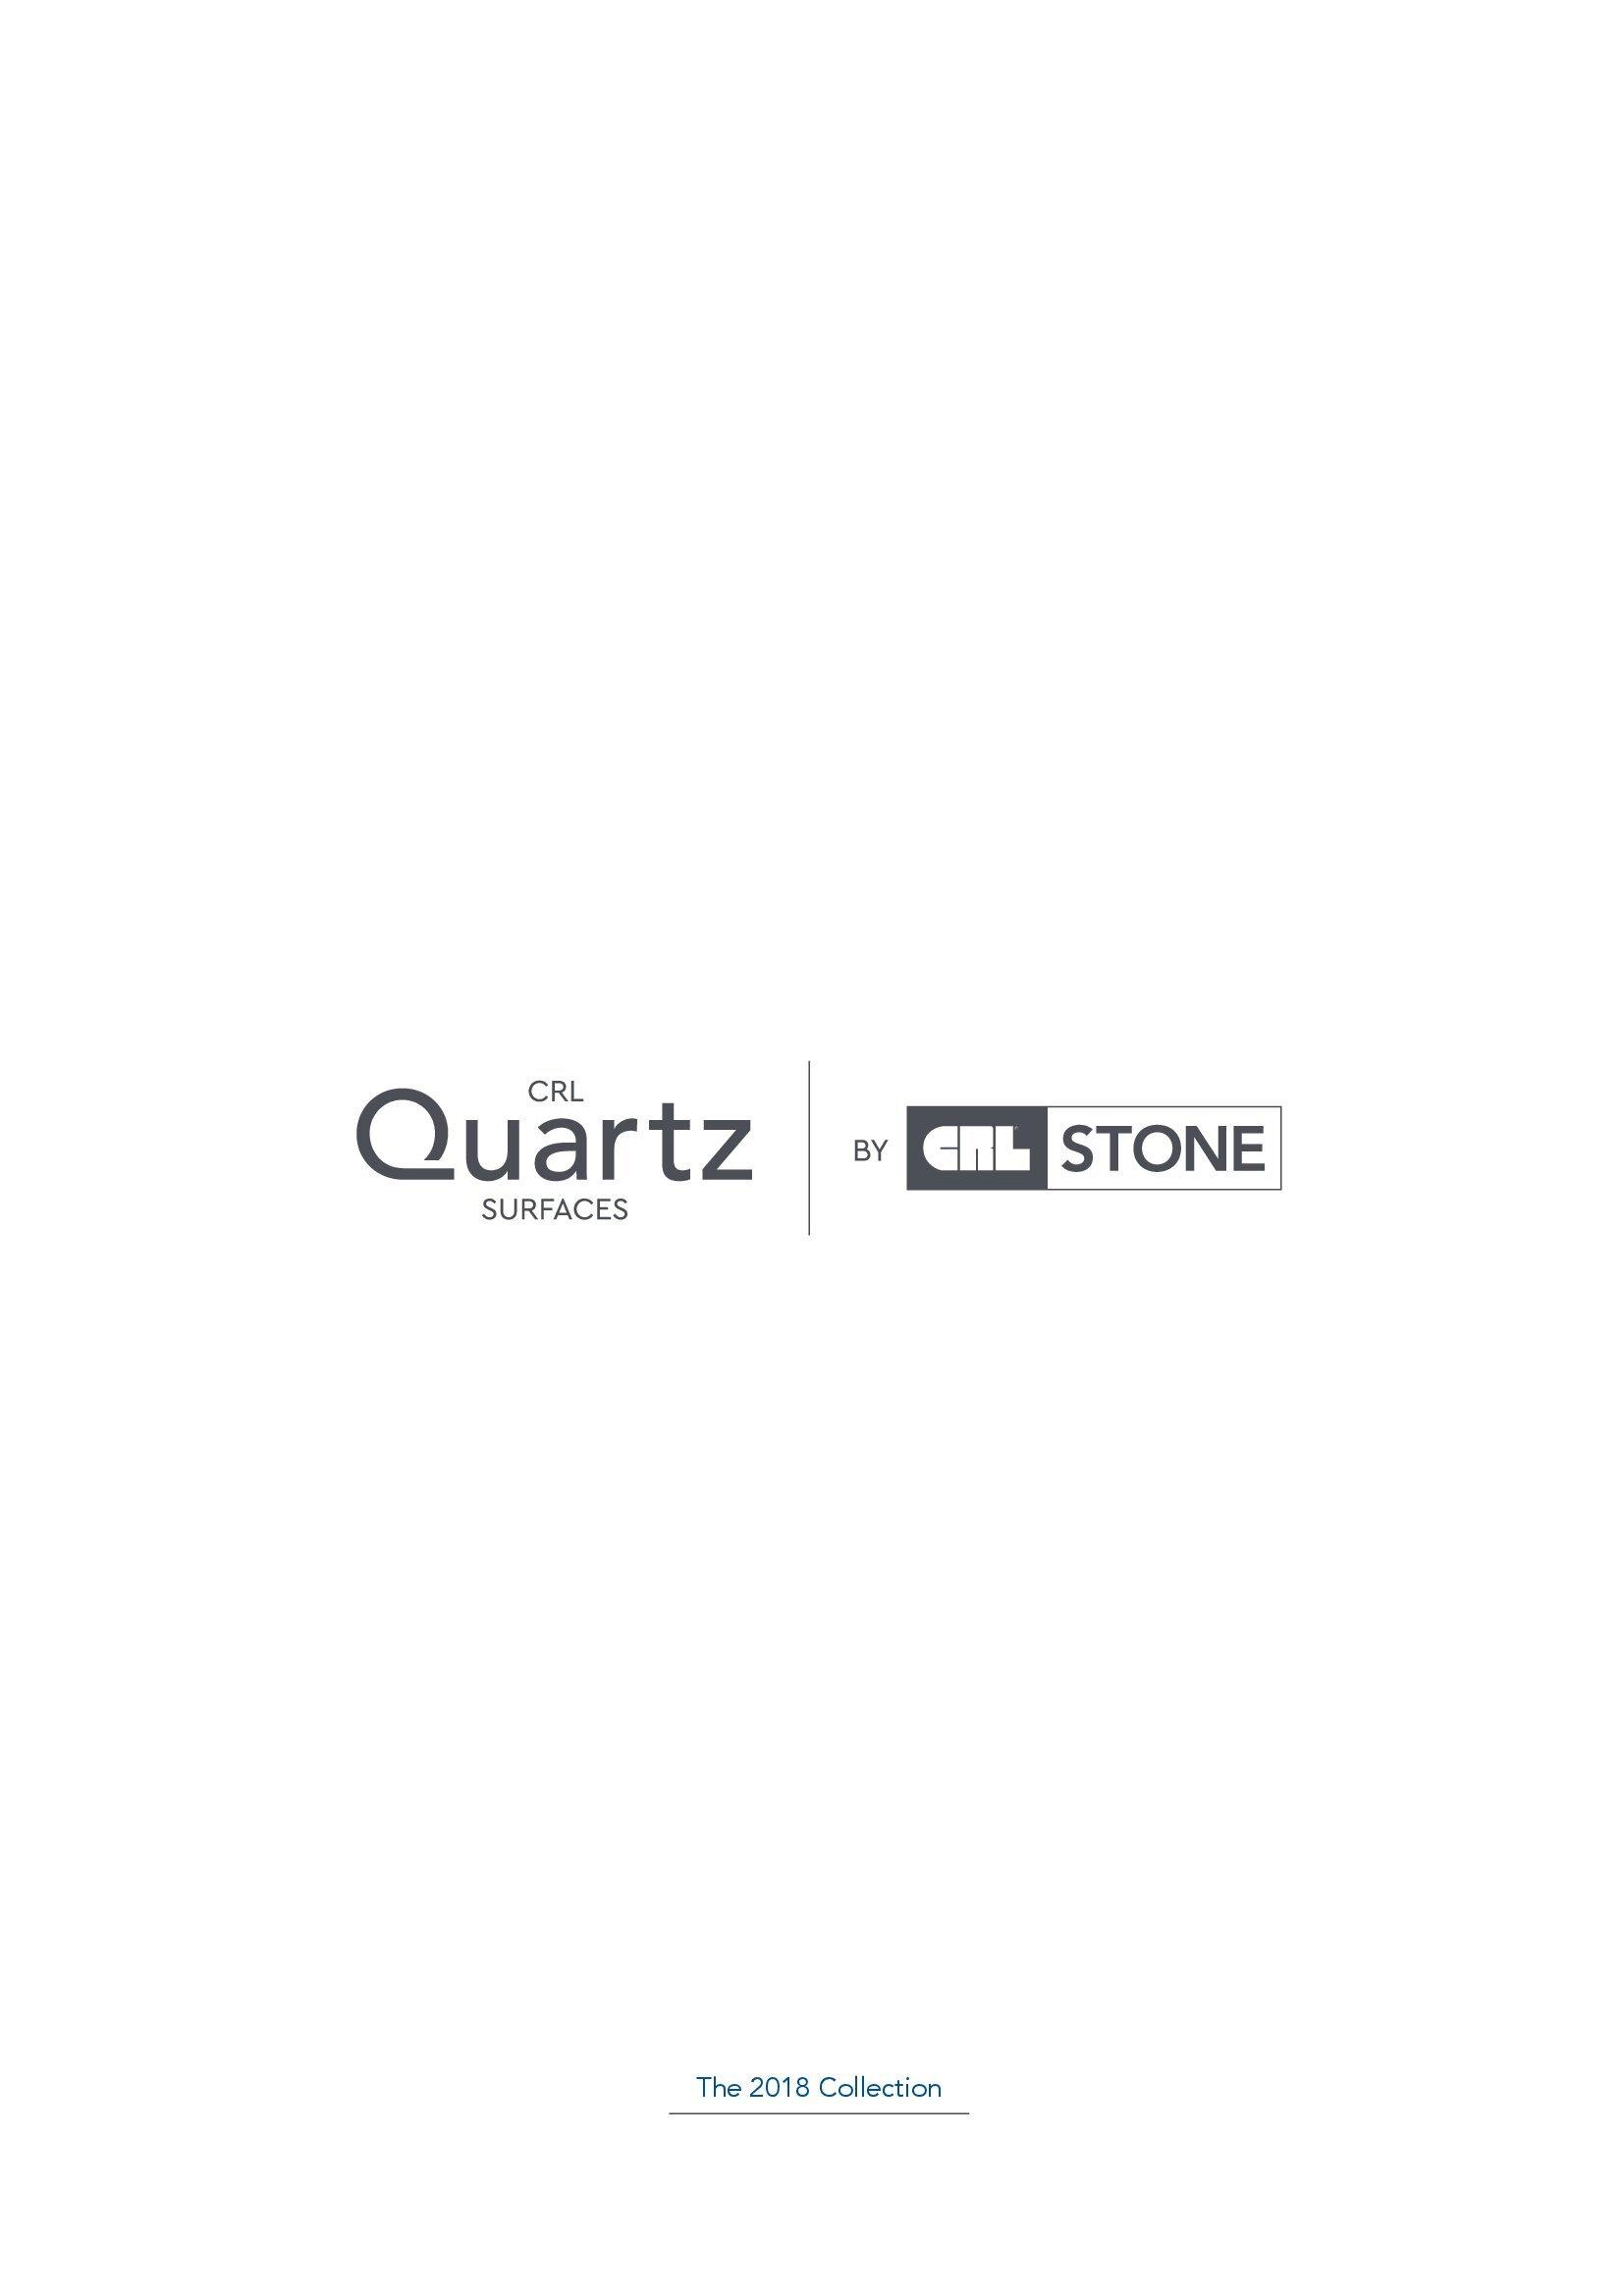 CRL Quartz Brochure 2018